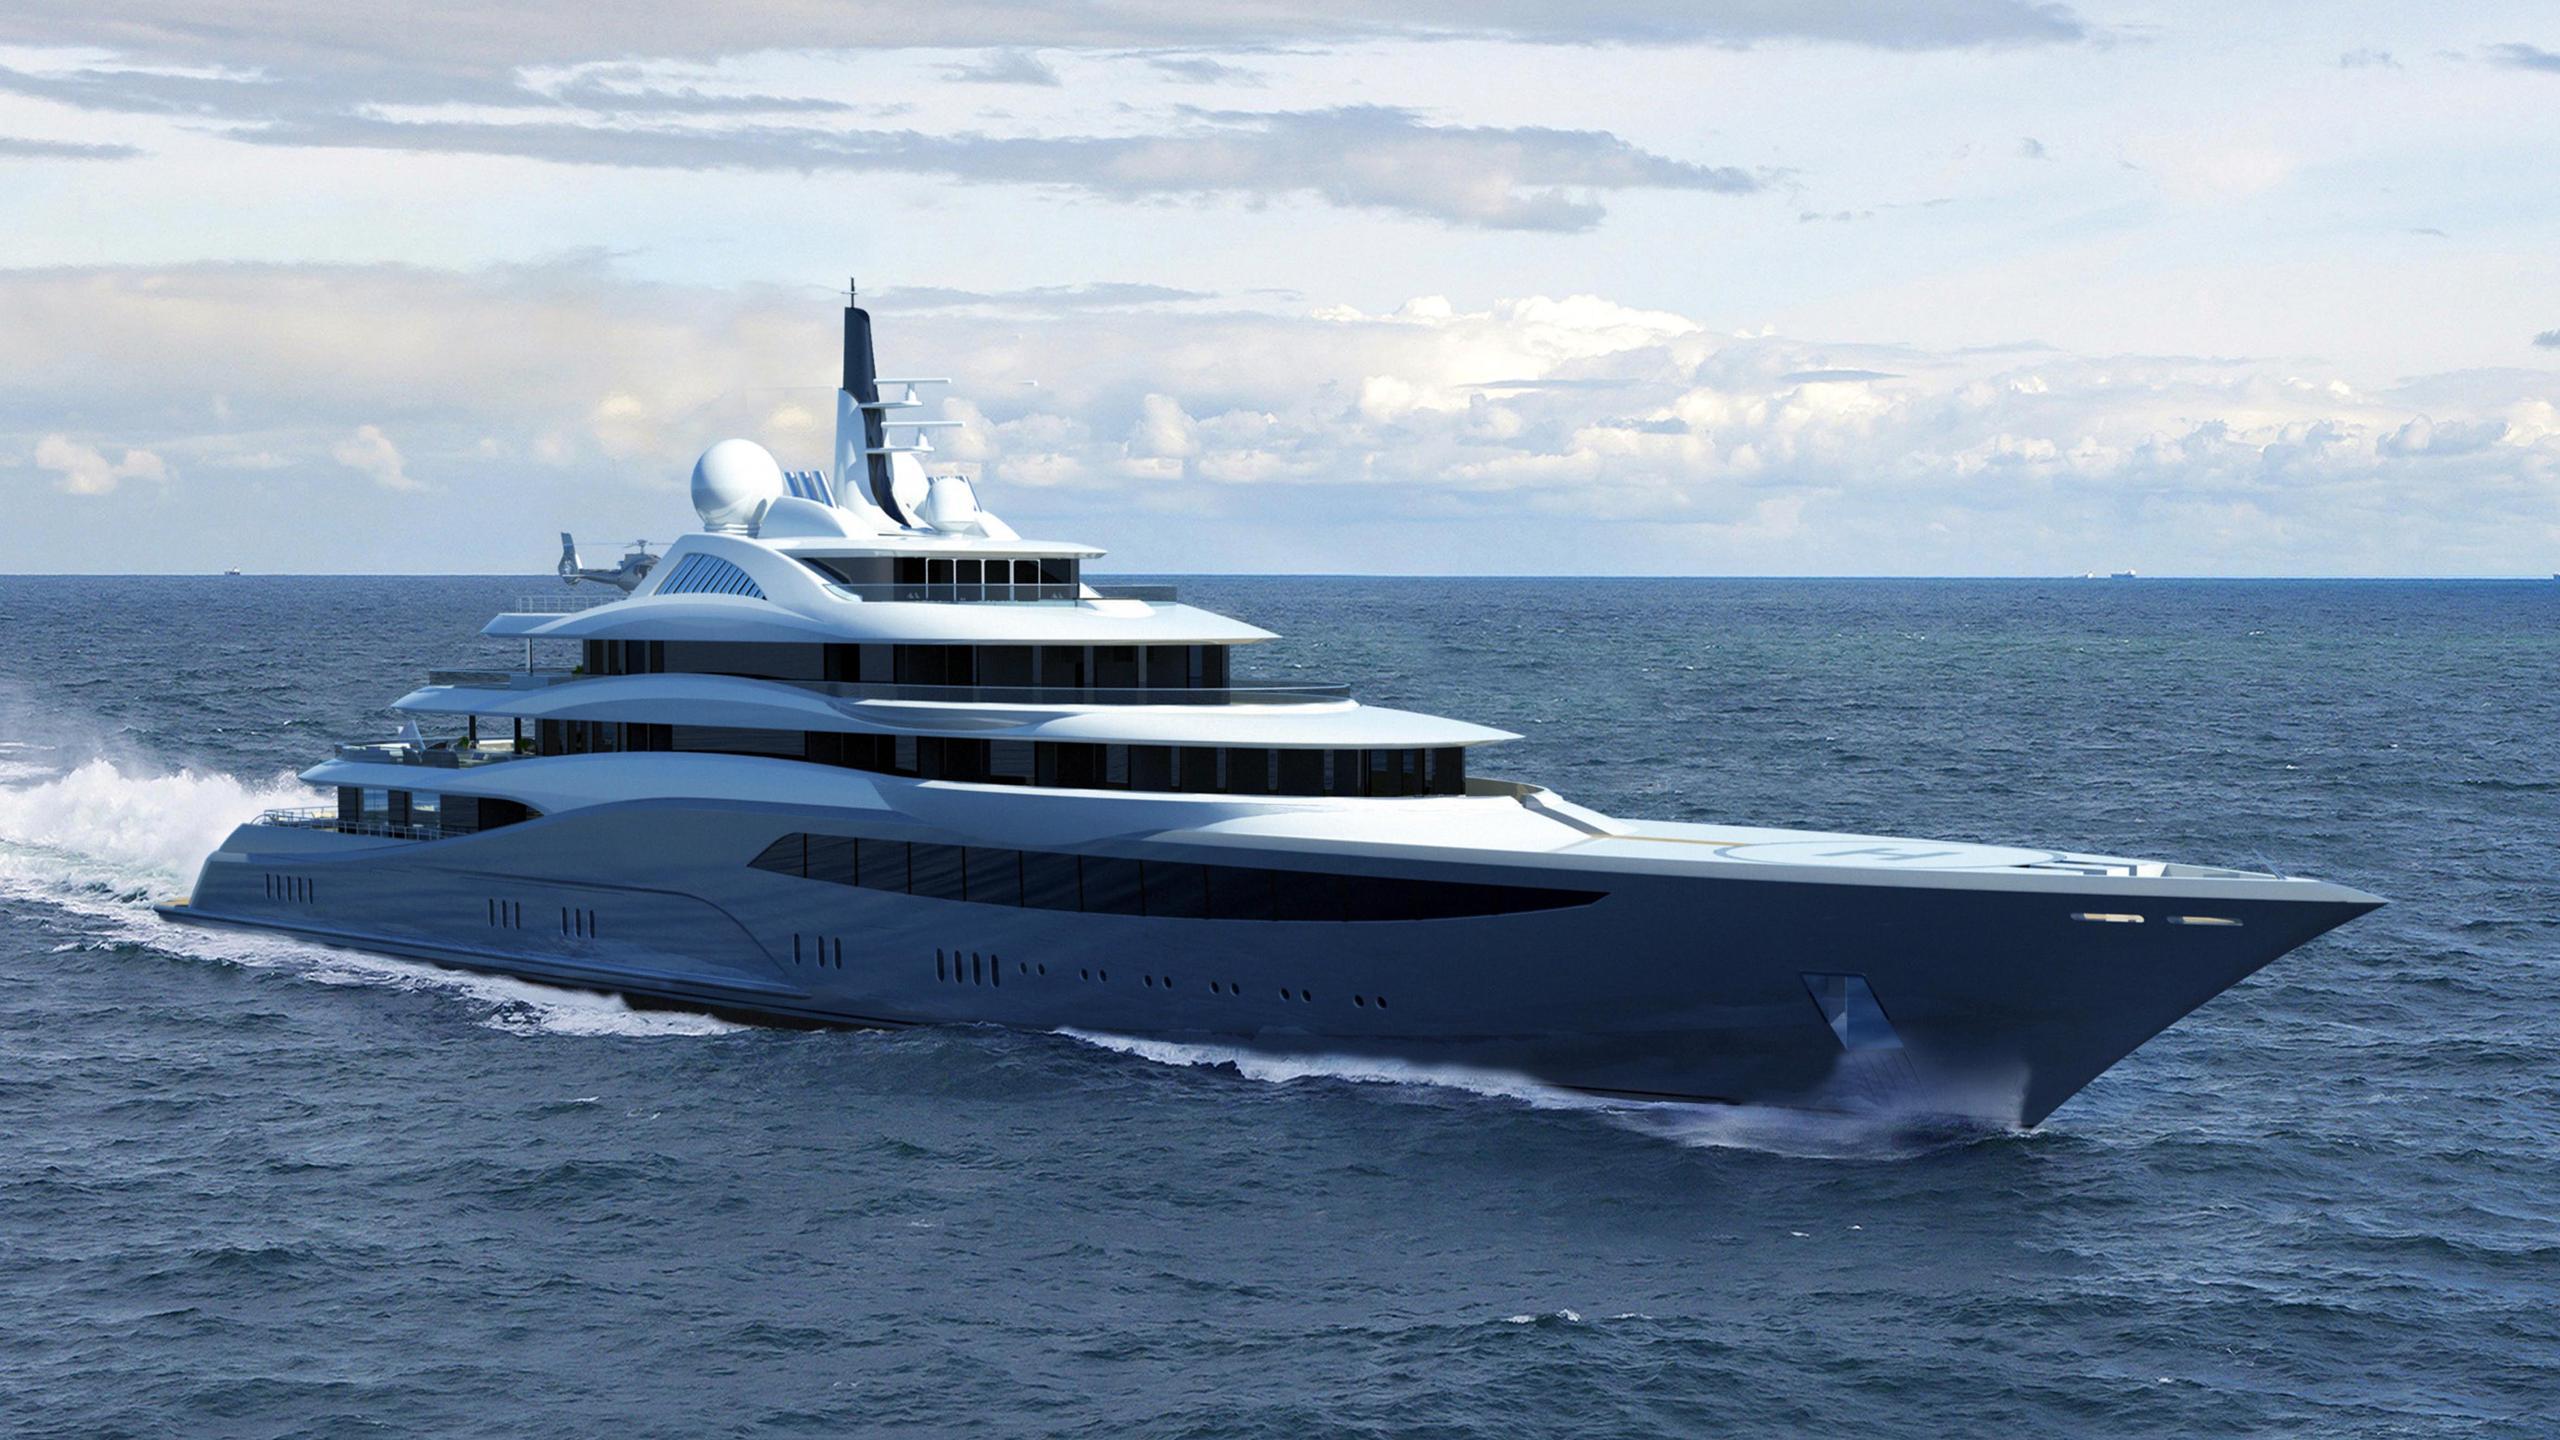 infinity motoryacht doerries 104m 2020 rendering